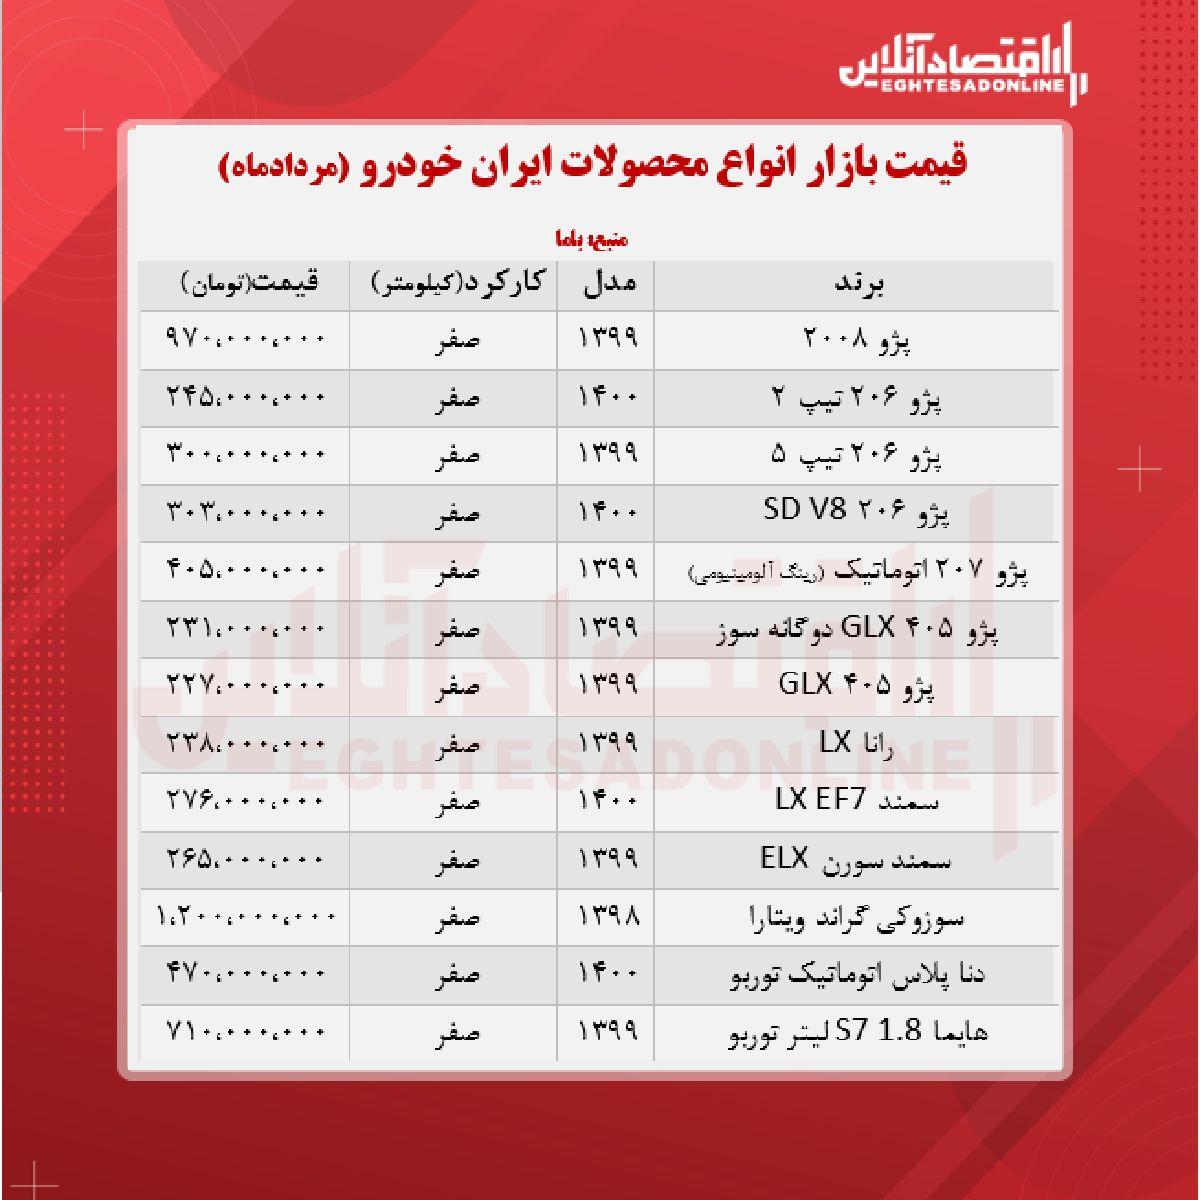 قیمت محصولات ایران خودرو امروز ۱۴۰۰/۵/۲۸